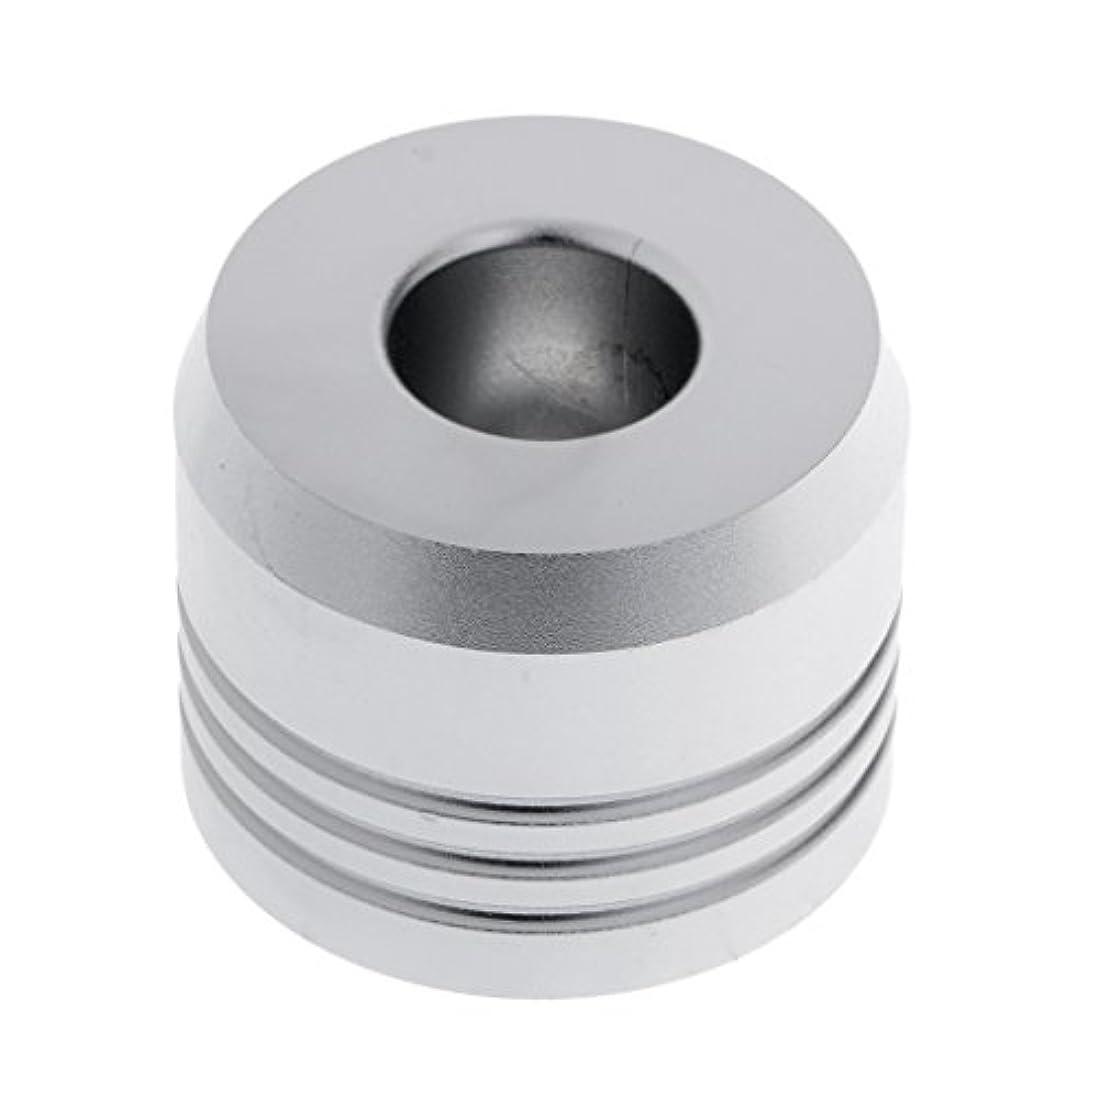 実験的発送セージカミソリスタンド スタンド シェービング カミソリホルダー ベース サポート 調節可 ミニサイズ デザイン 場所を節約 2色選べ - 銀